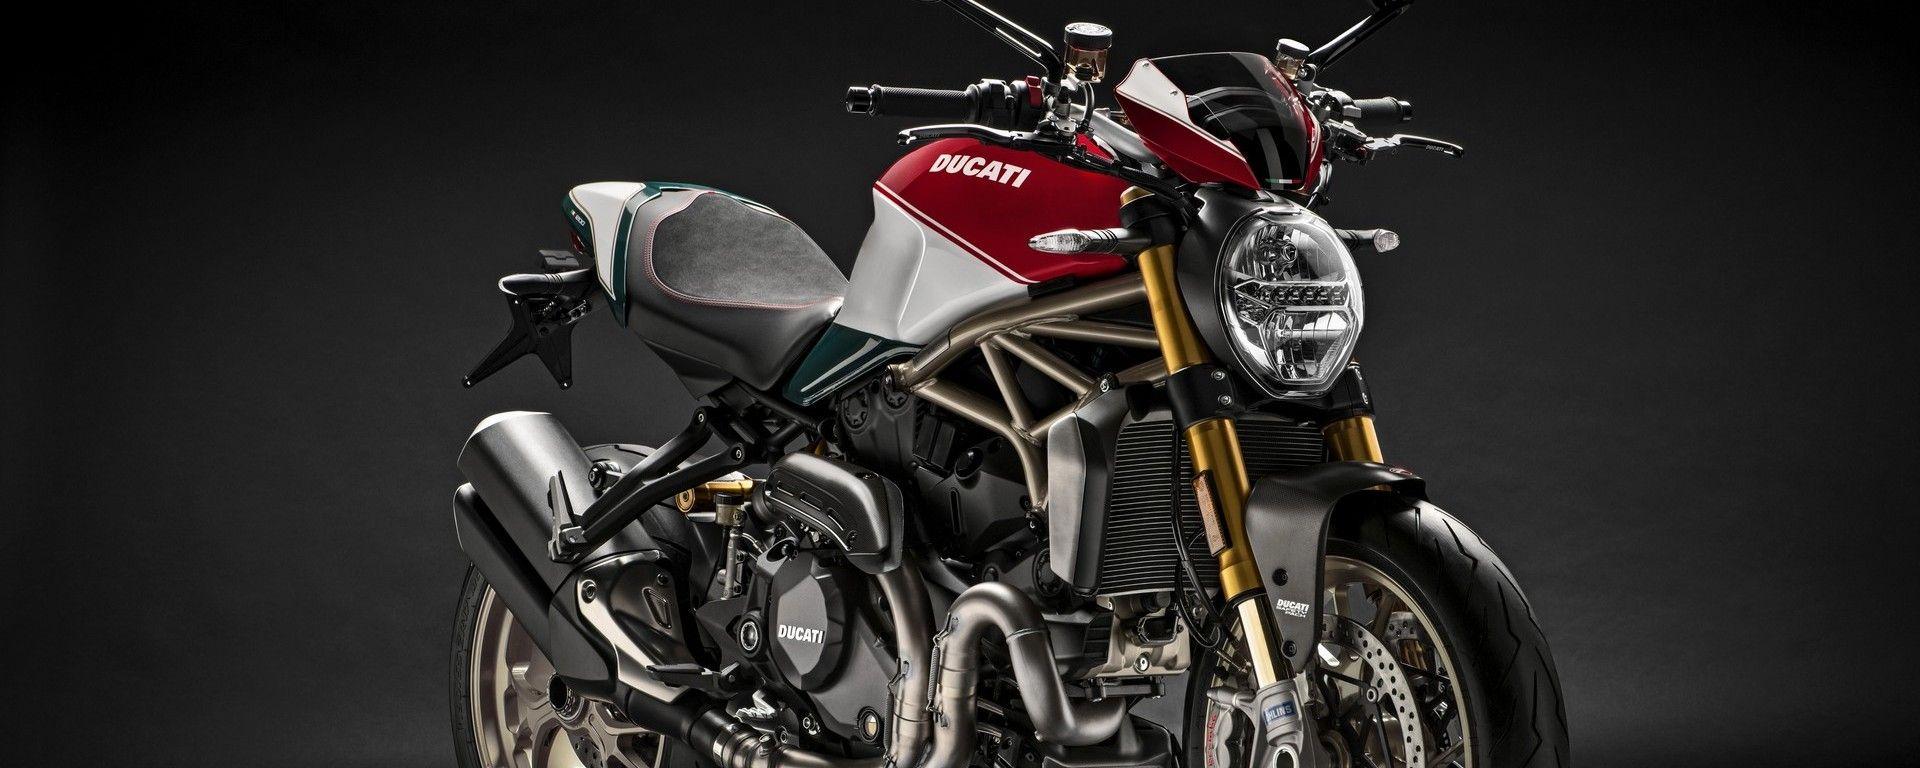 Ducati Monster 1200: ecco l'edizione limitata 25° anniversario